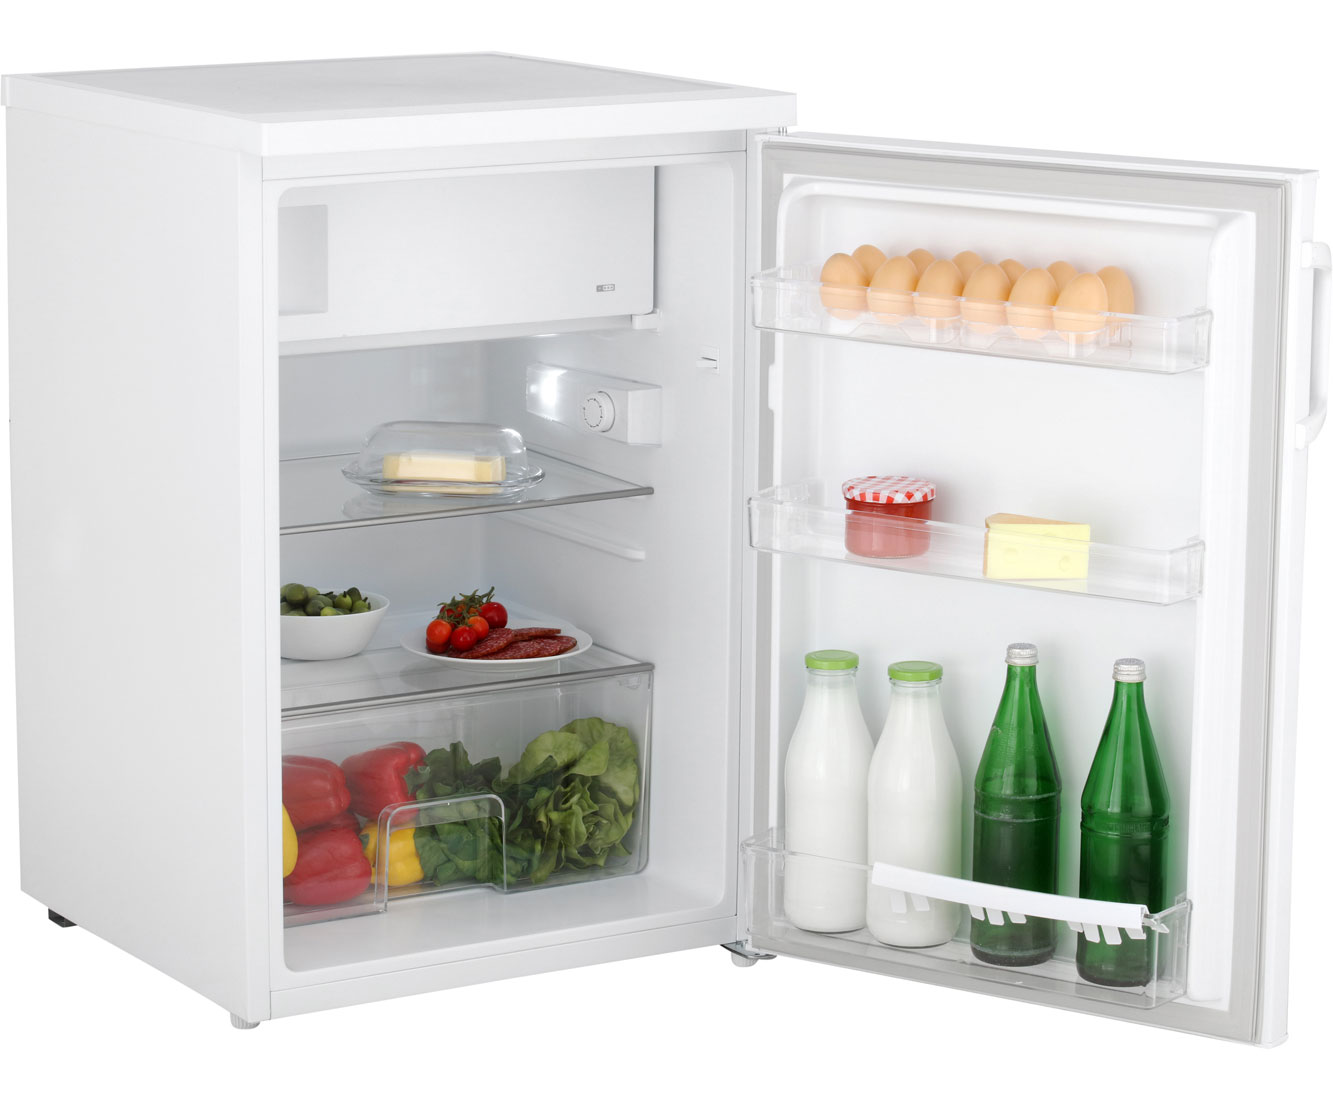 Bomann Kühlschrank Firma : Bomann ks kühlschrank freistehend cm weiss neu ebay